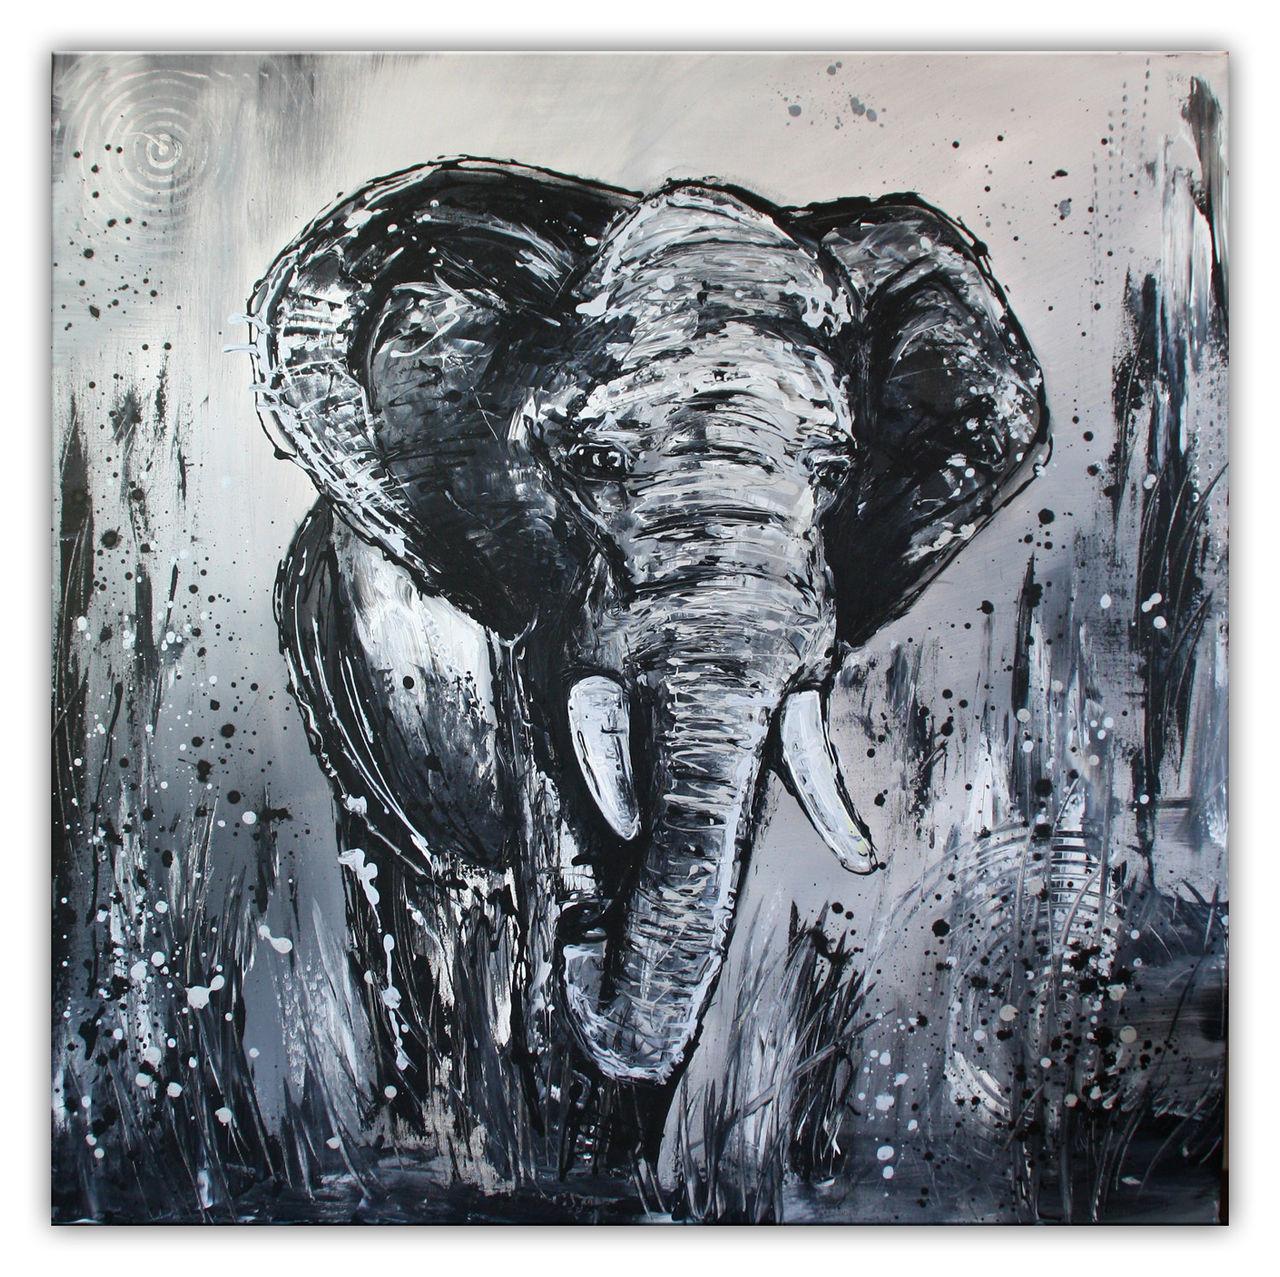 bild tiere tiere gemalt elefanten elefantenbild von. Black Bedroom Furniture Sets. Home Design Ideas